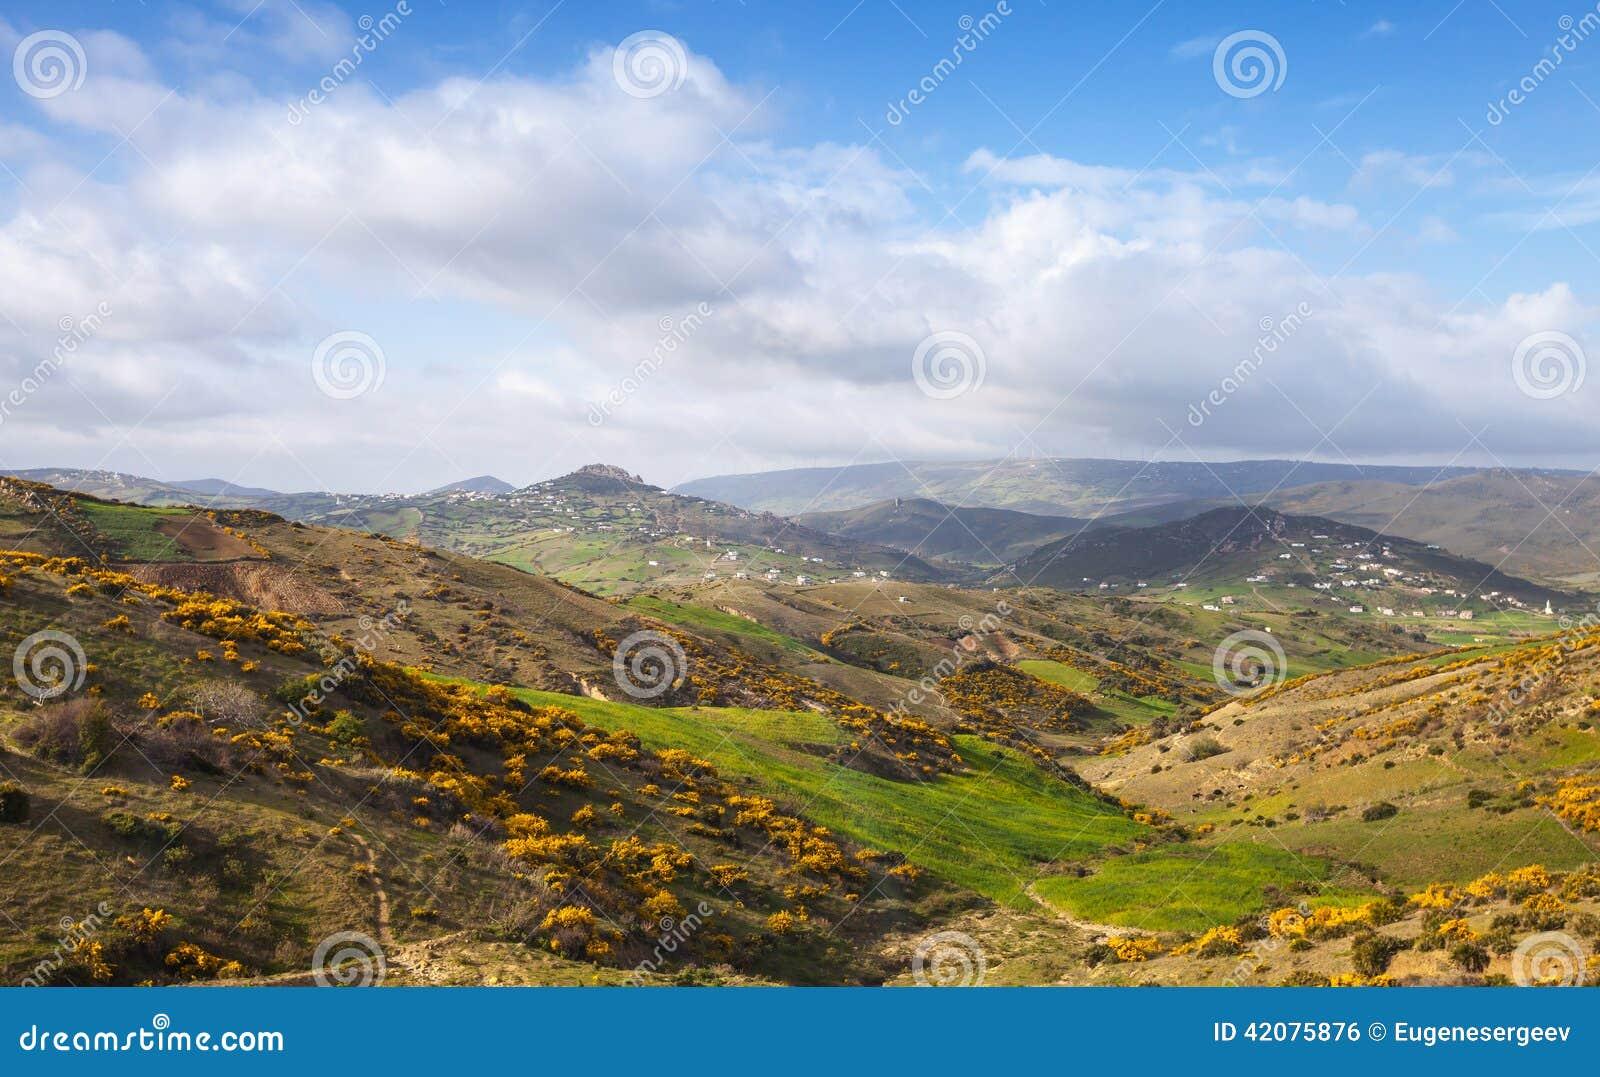 Paysage panoramique large de montagne tanger maroc photo for Paysage vert